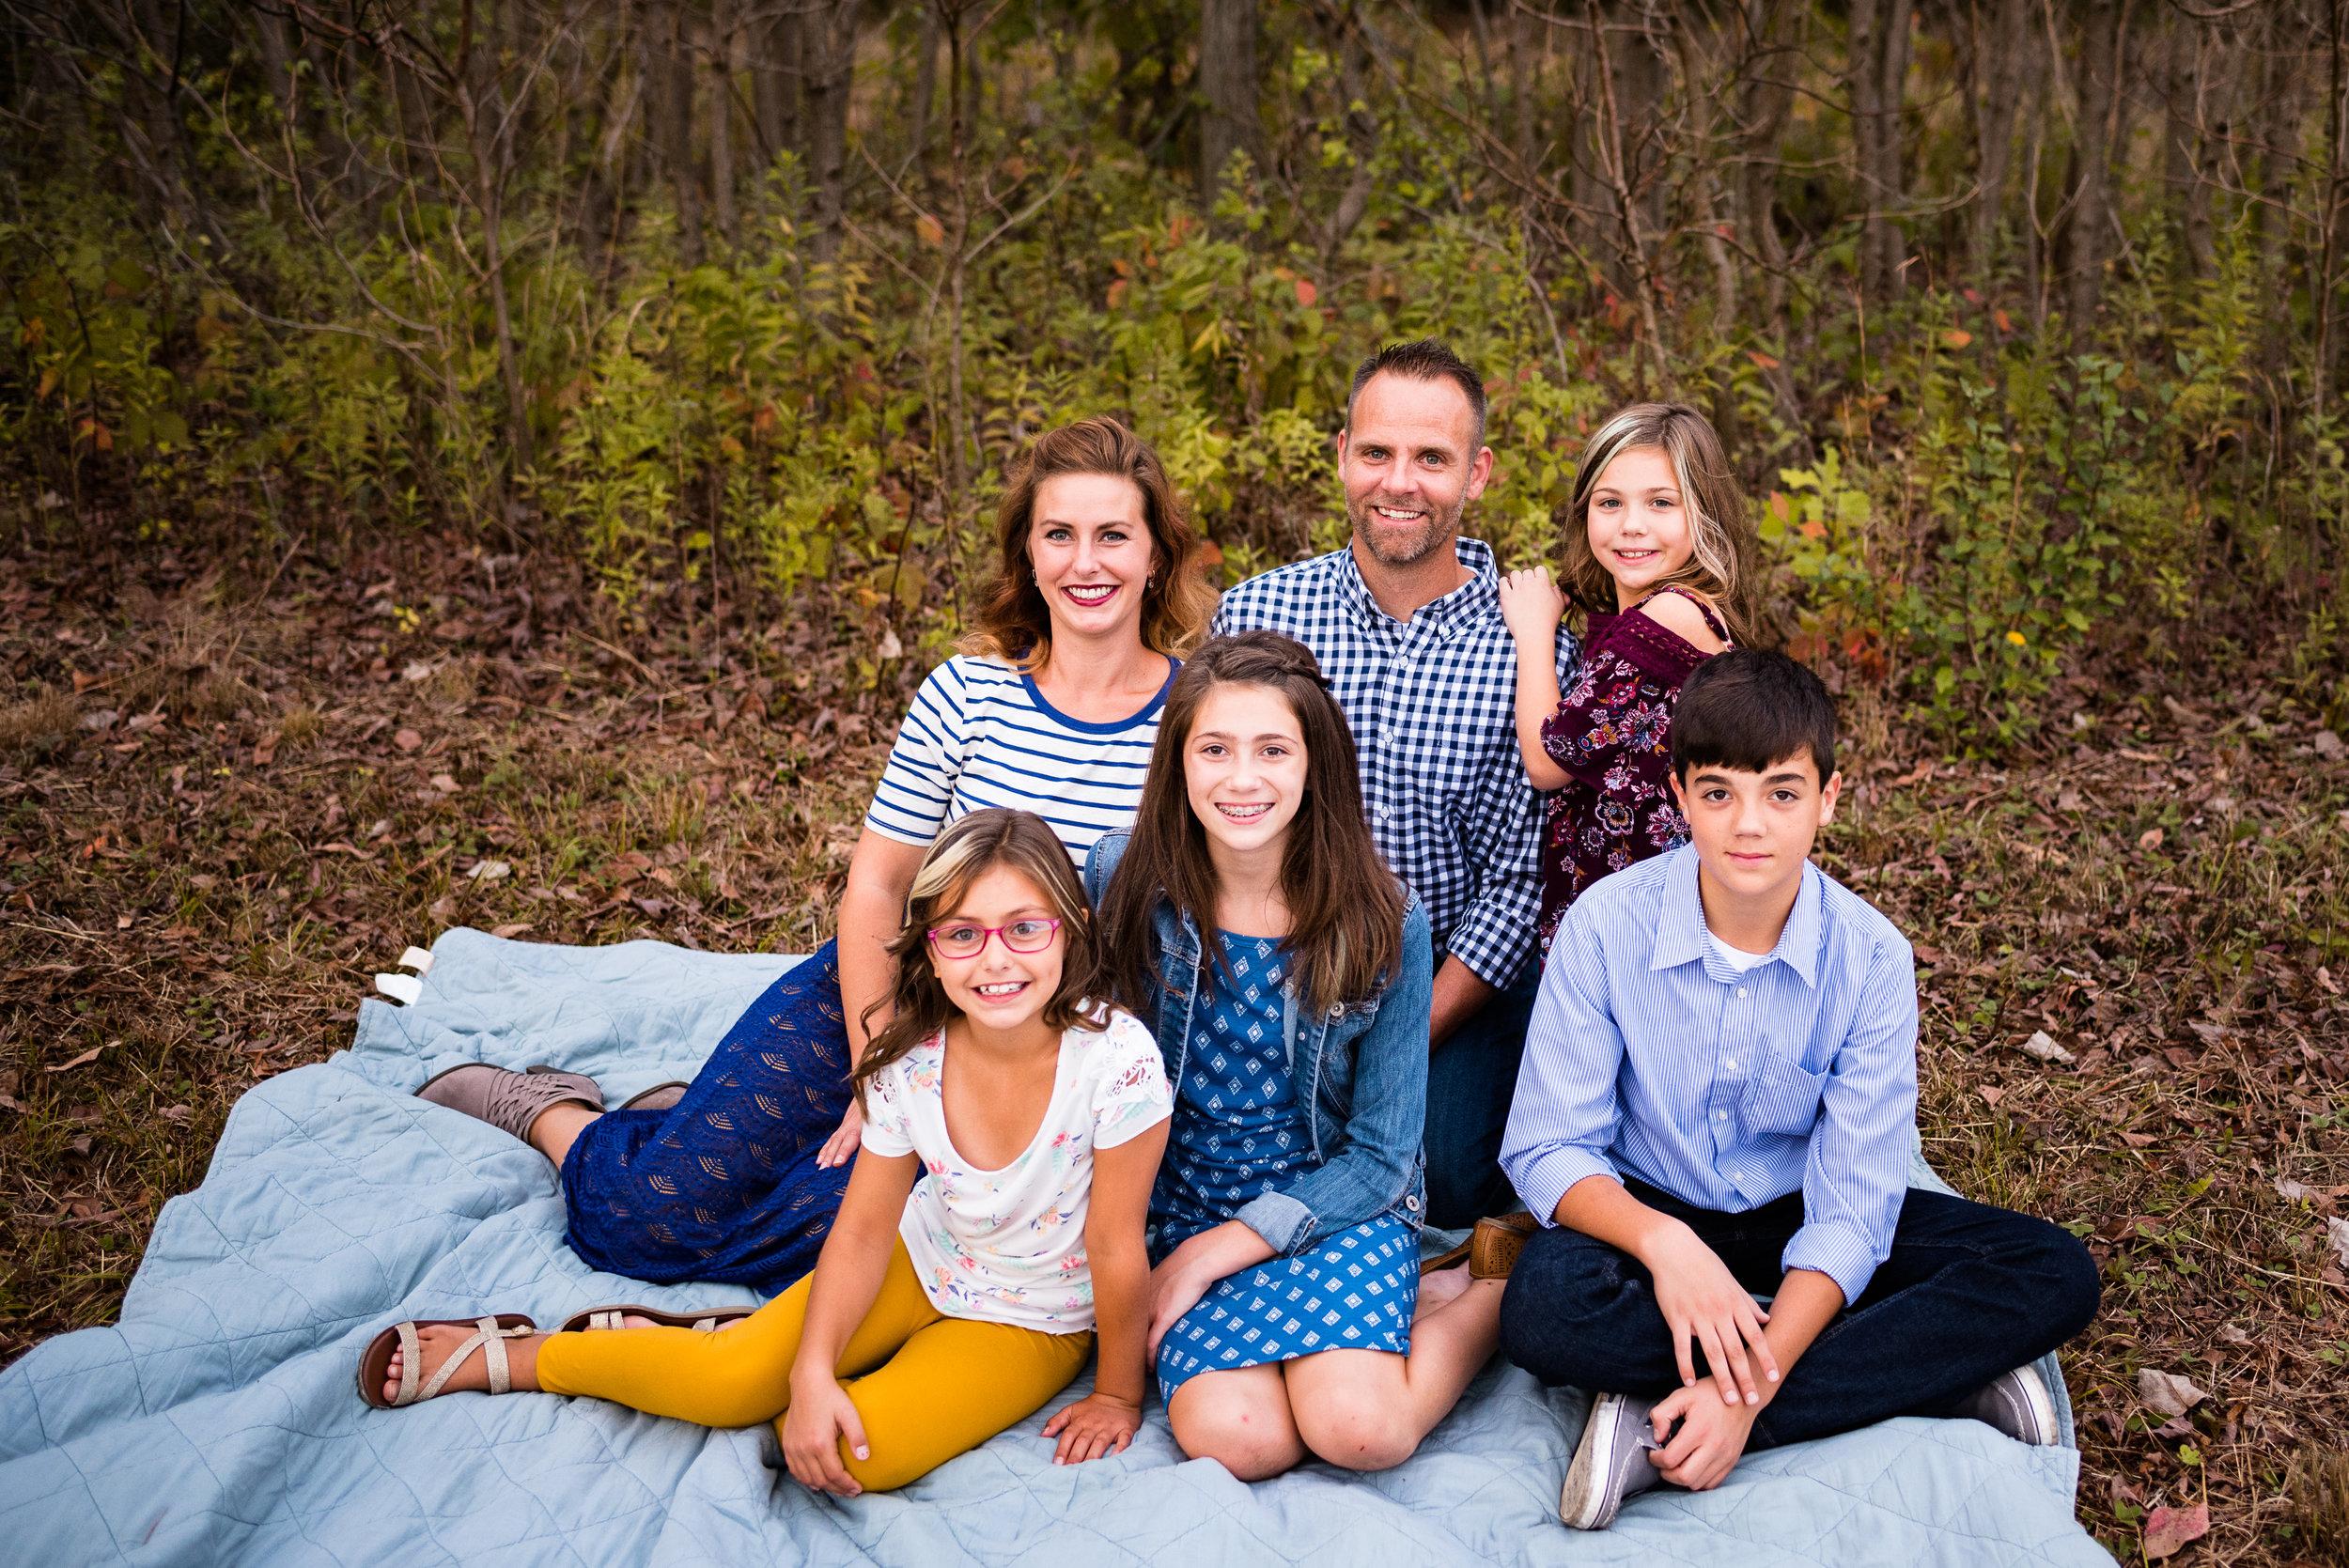 findlay family photography